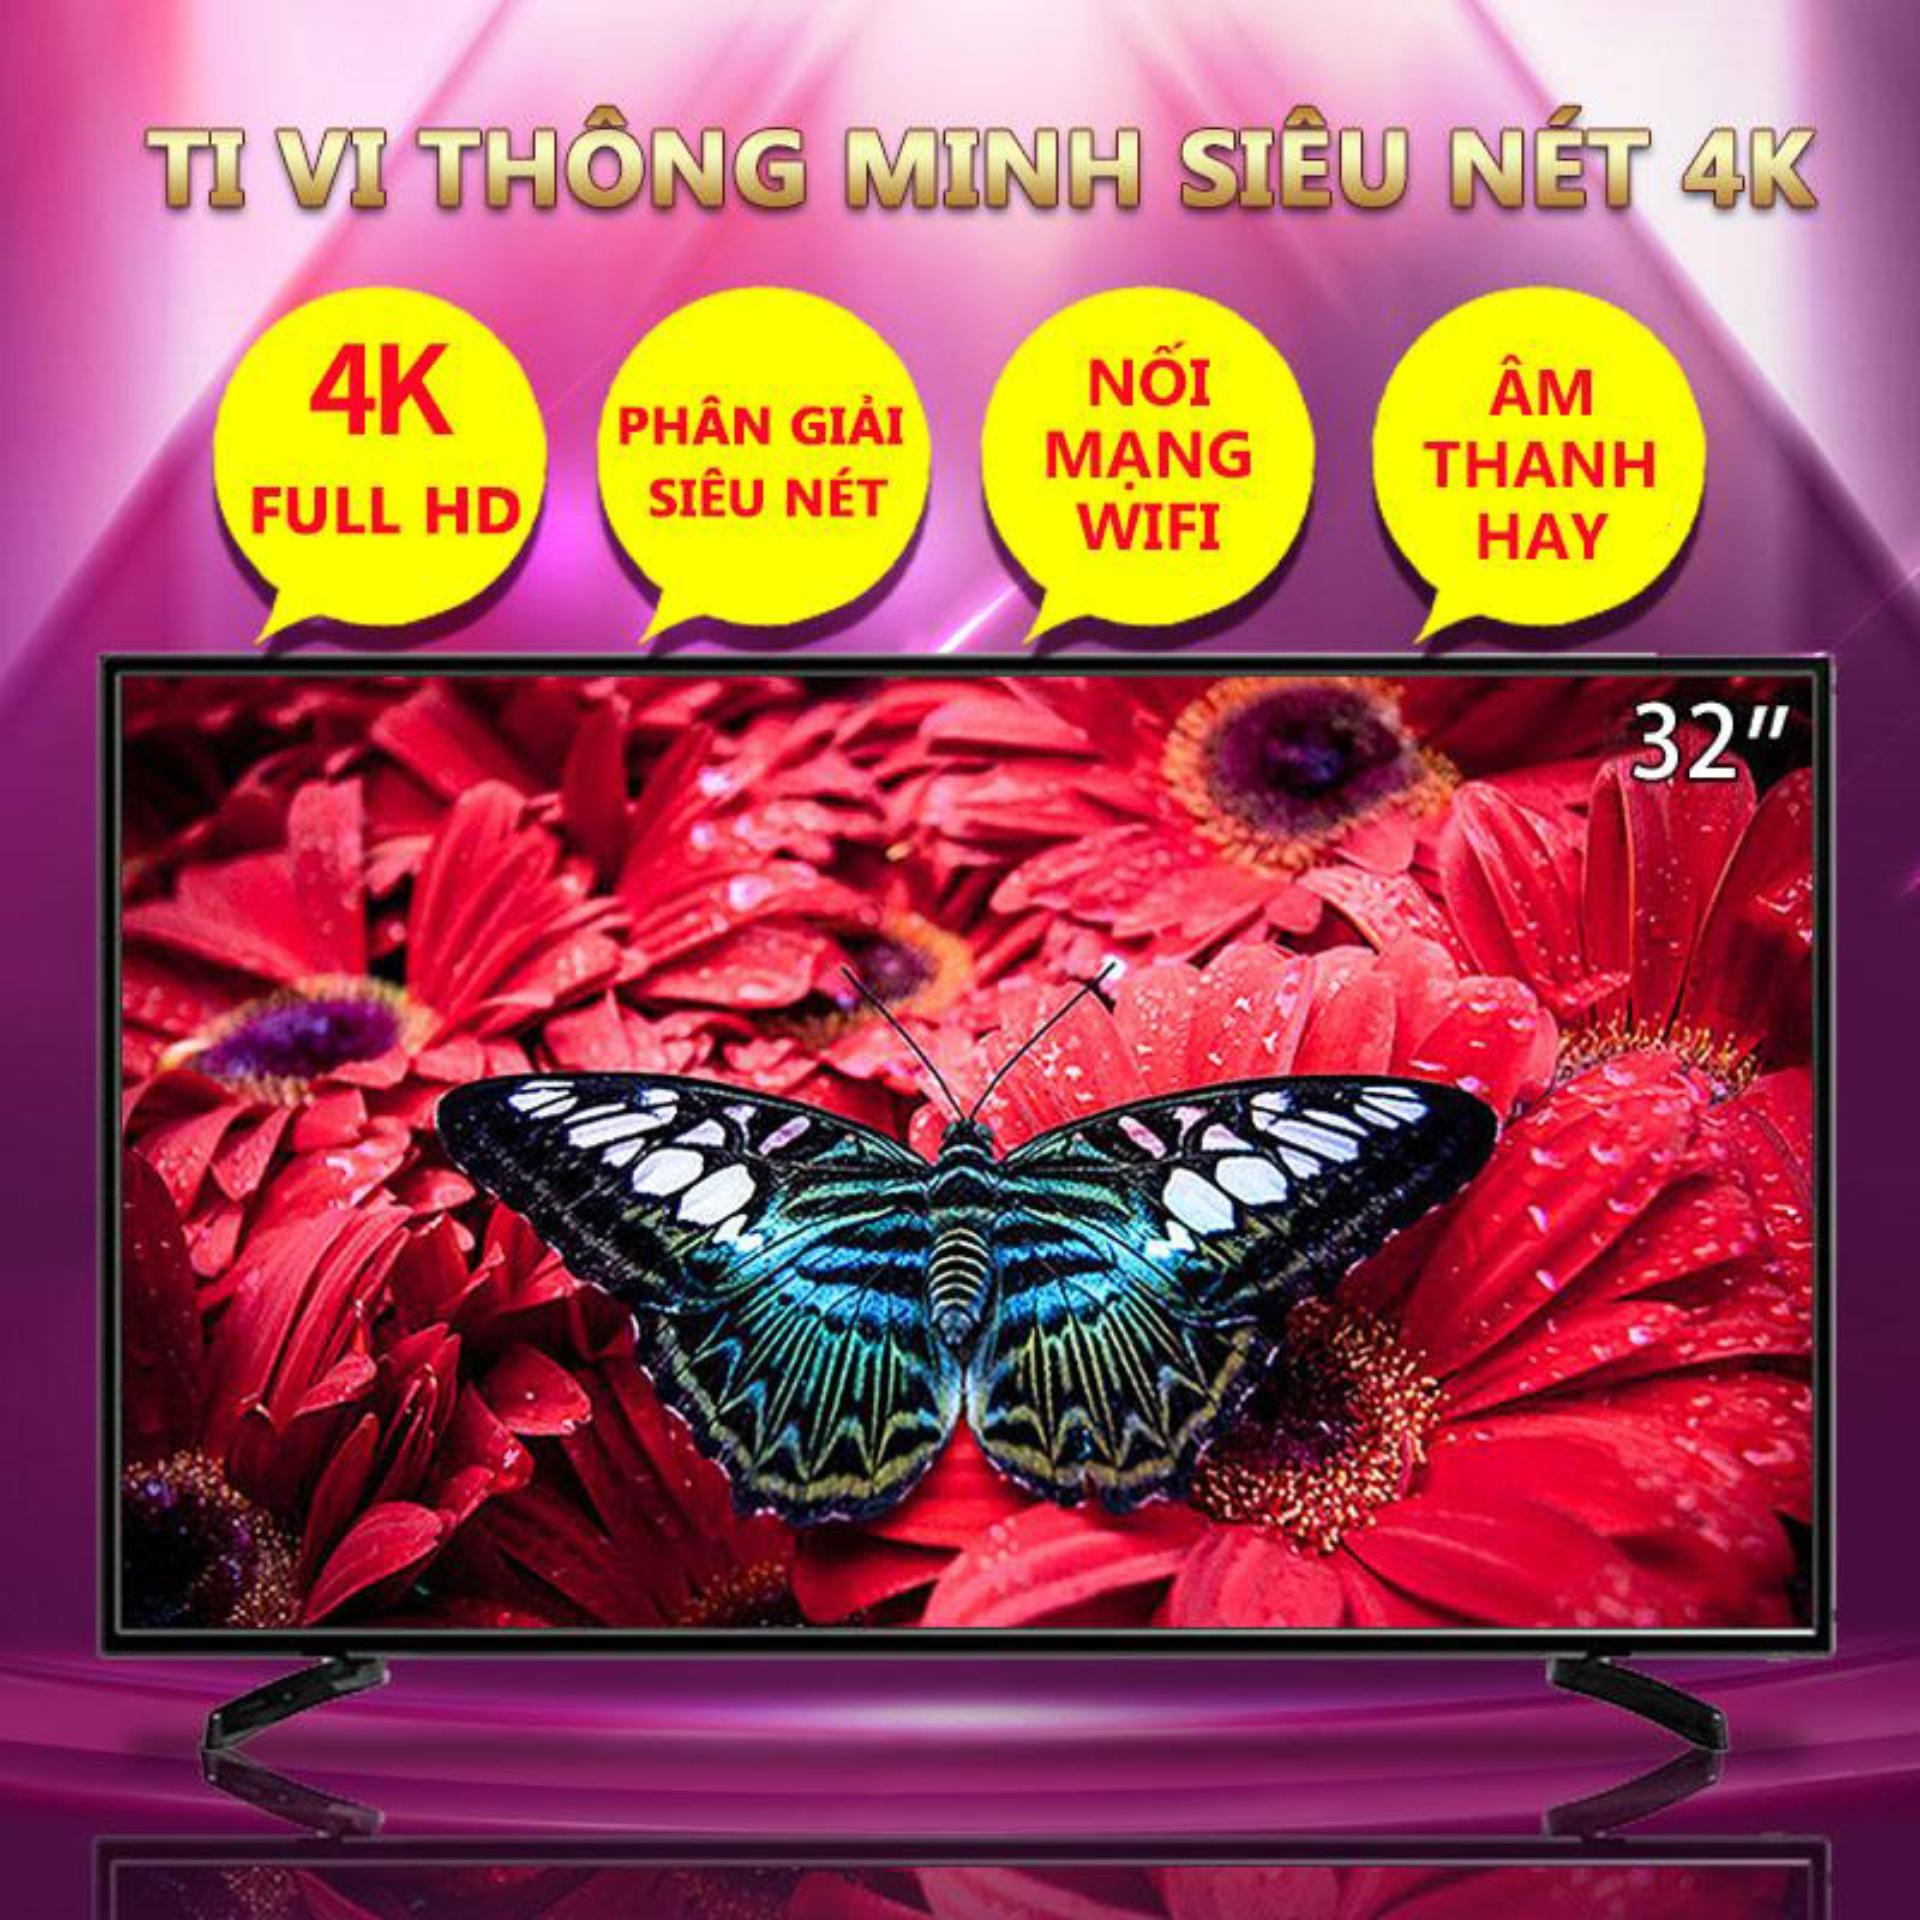 Bảng giá Ti vi màn hình tinh thể lỏng LCD 40 inch HD 4K và 32 inch Smart TV kết nối wifi tv màu Redepshop Điện máy Pico